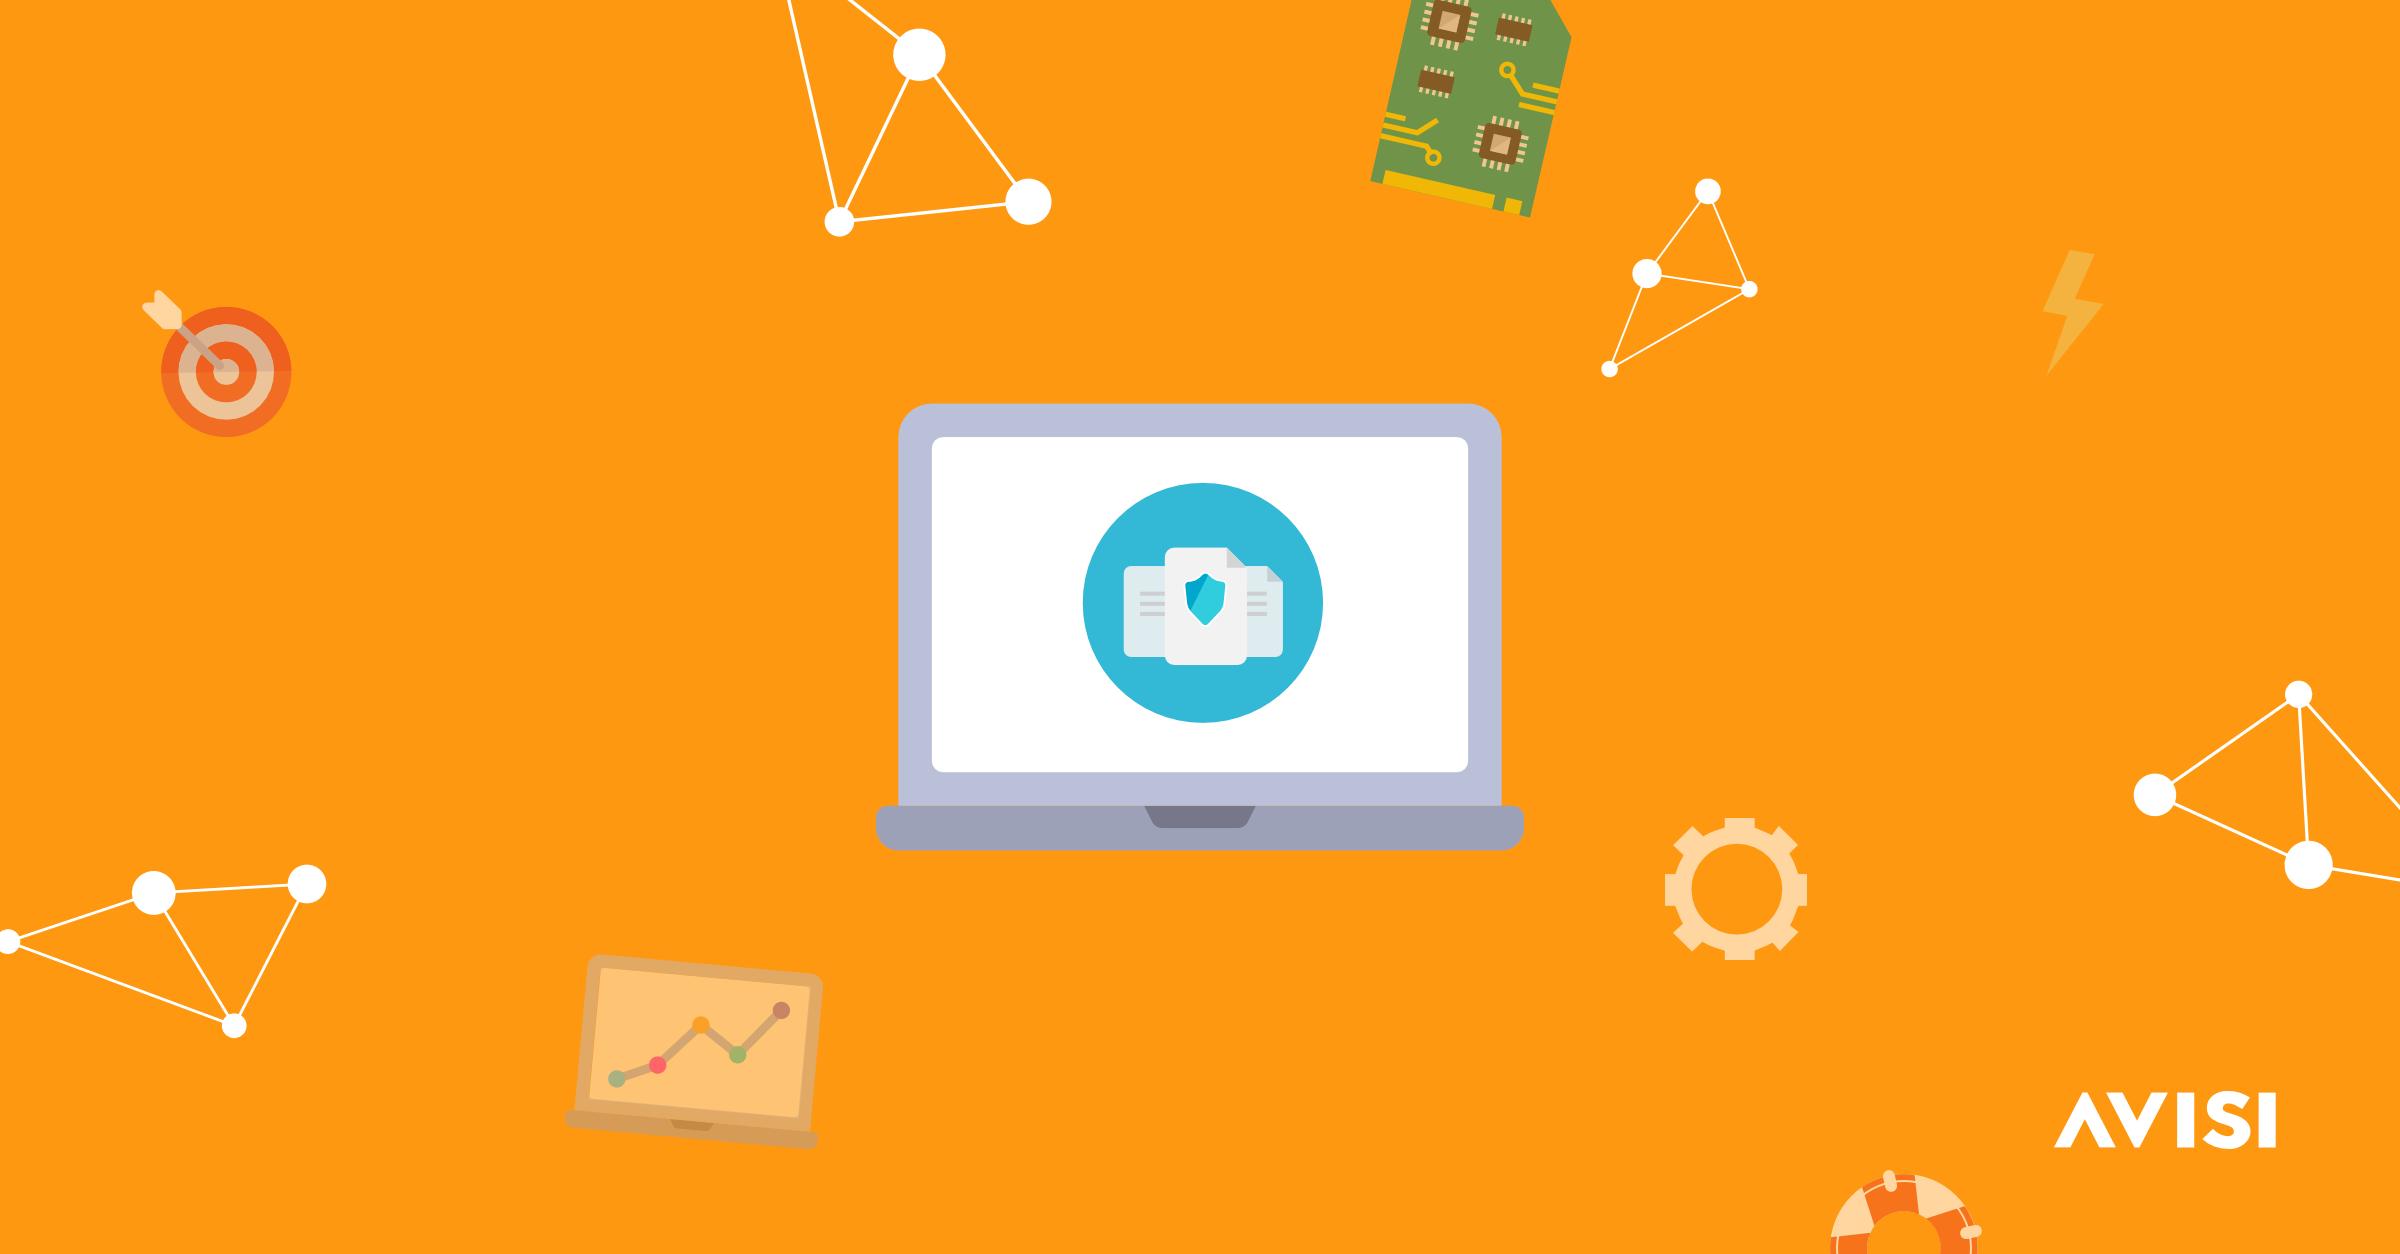 Certicus bevestigt met ISO 27001 certificering: Avisi heeft informatiebeveiliging aantoonbaar op orde.